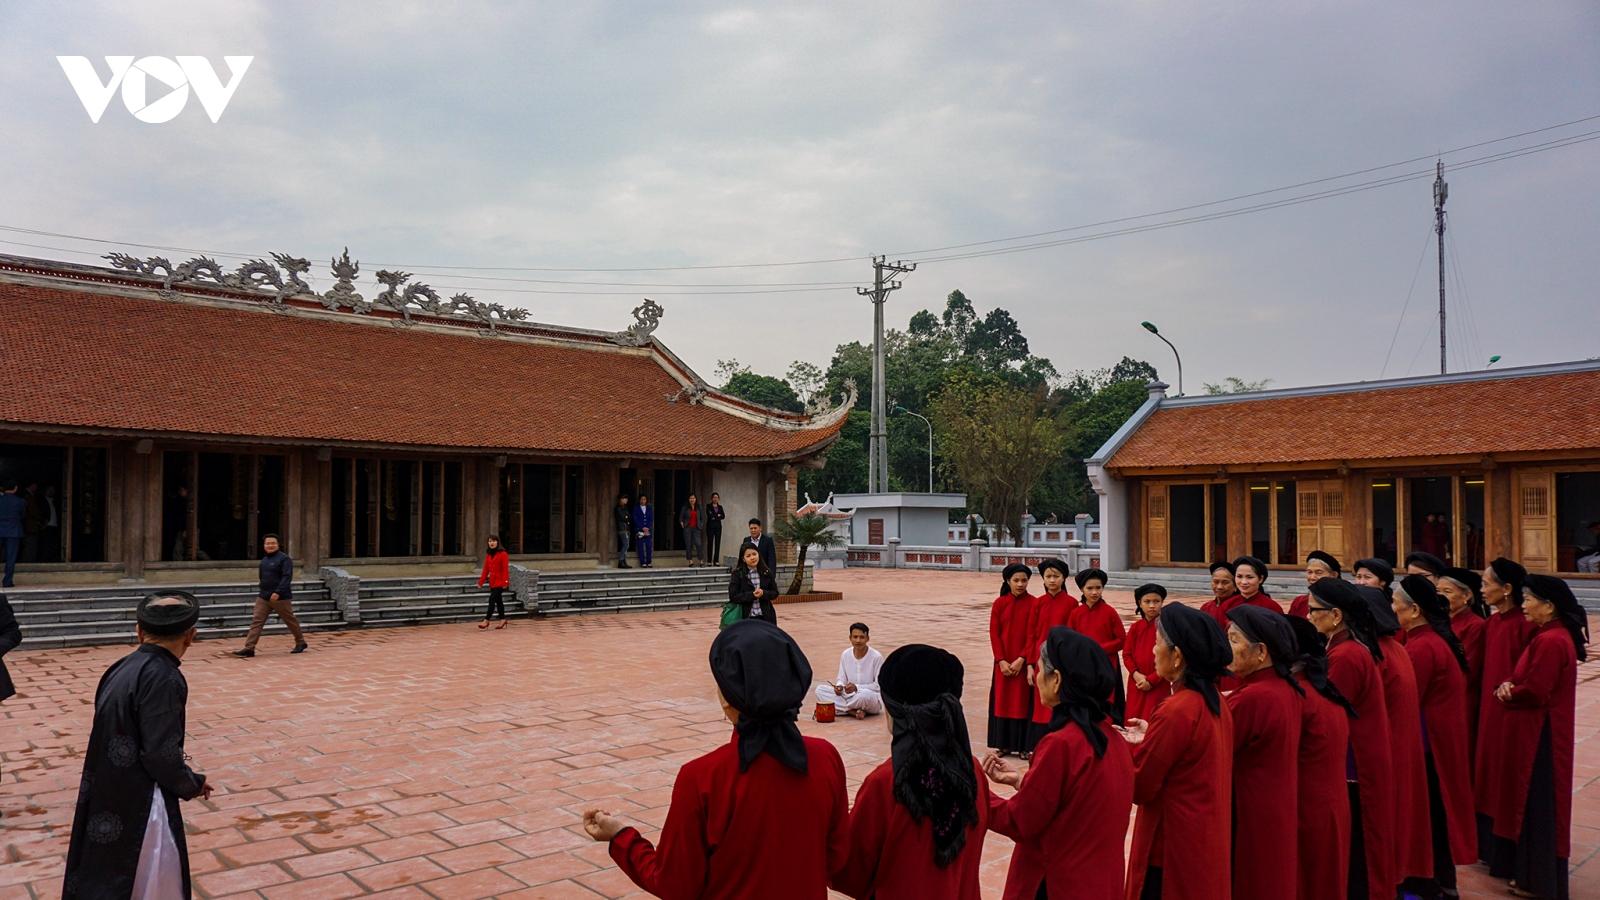 Khai thác giá trị Khu du lịch quốc gia đền Hùng để phát triển du lịch